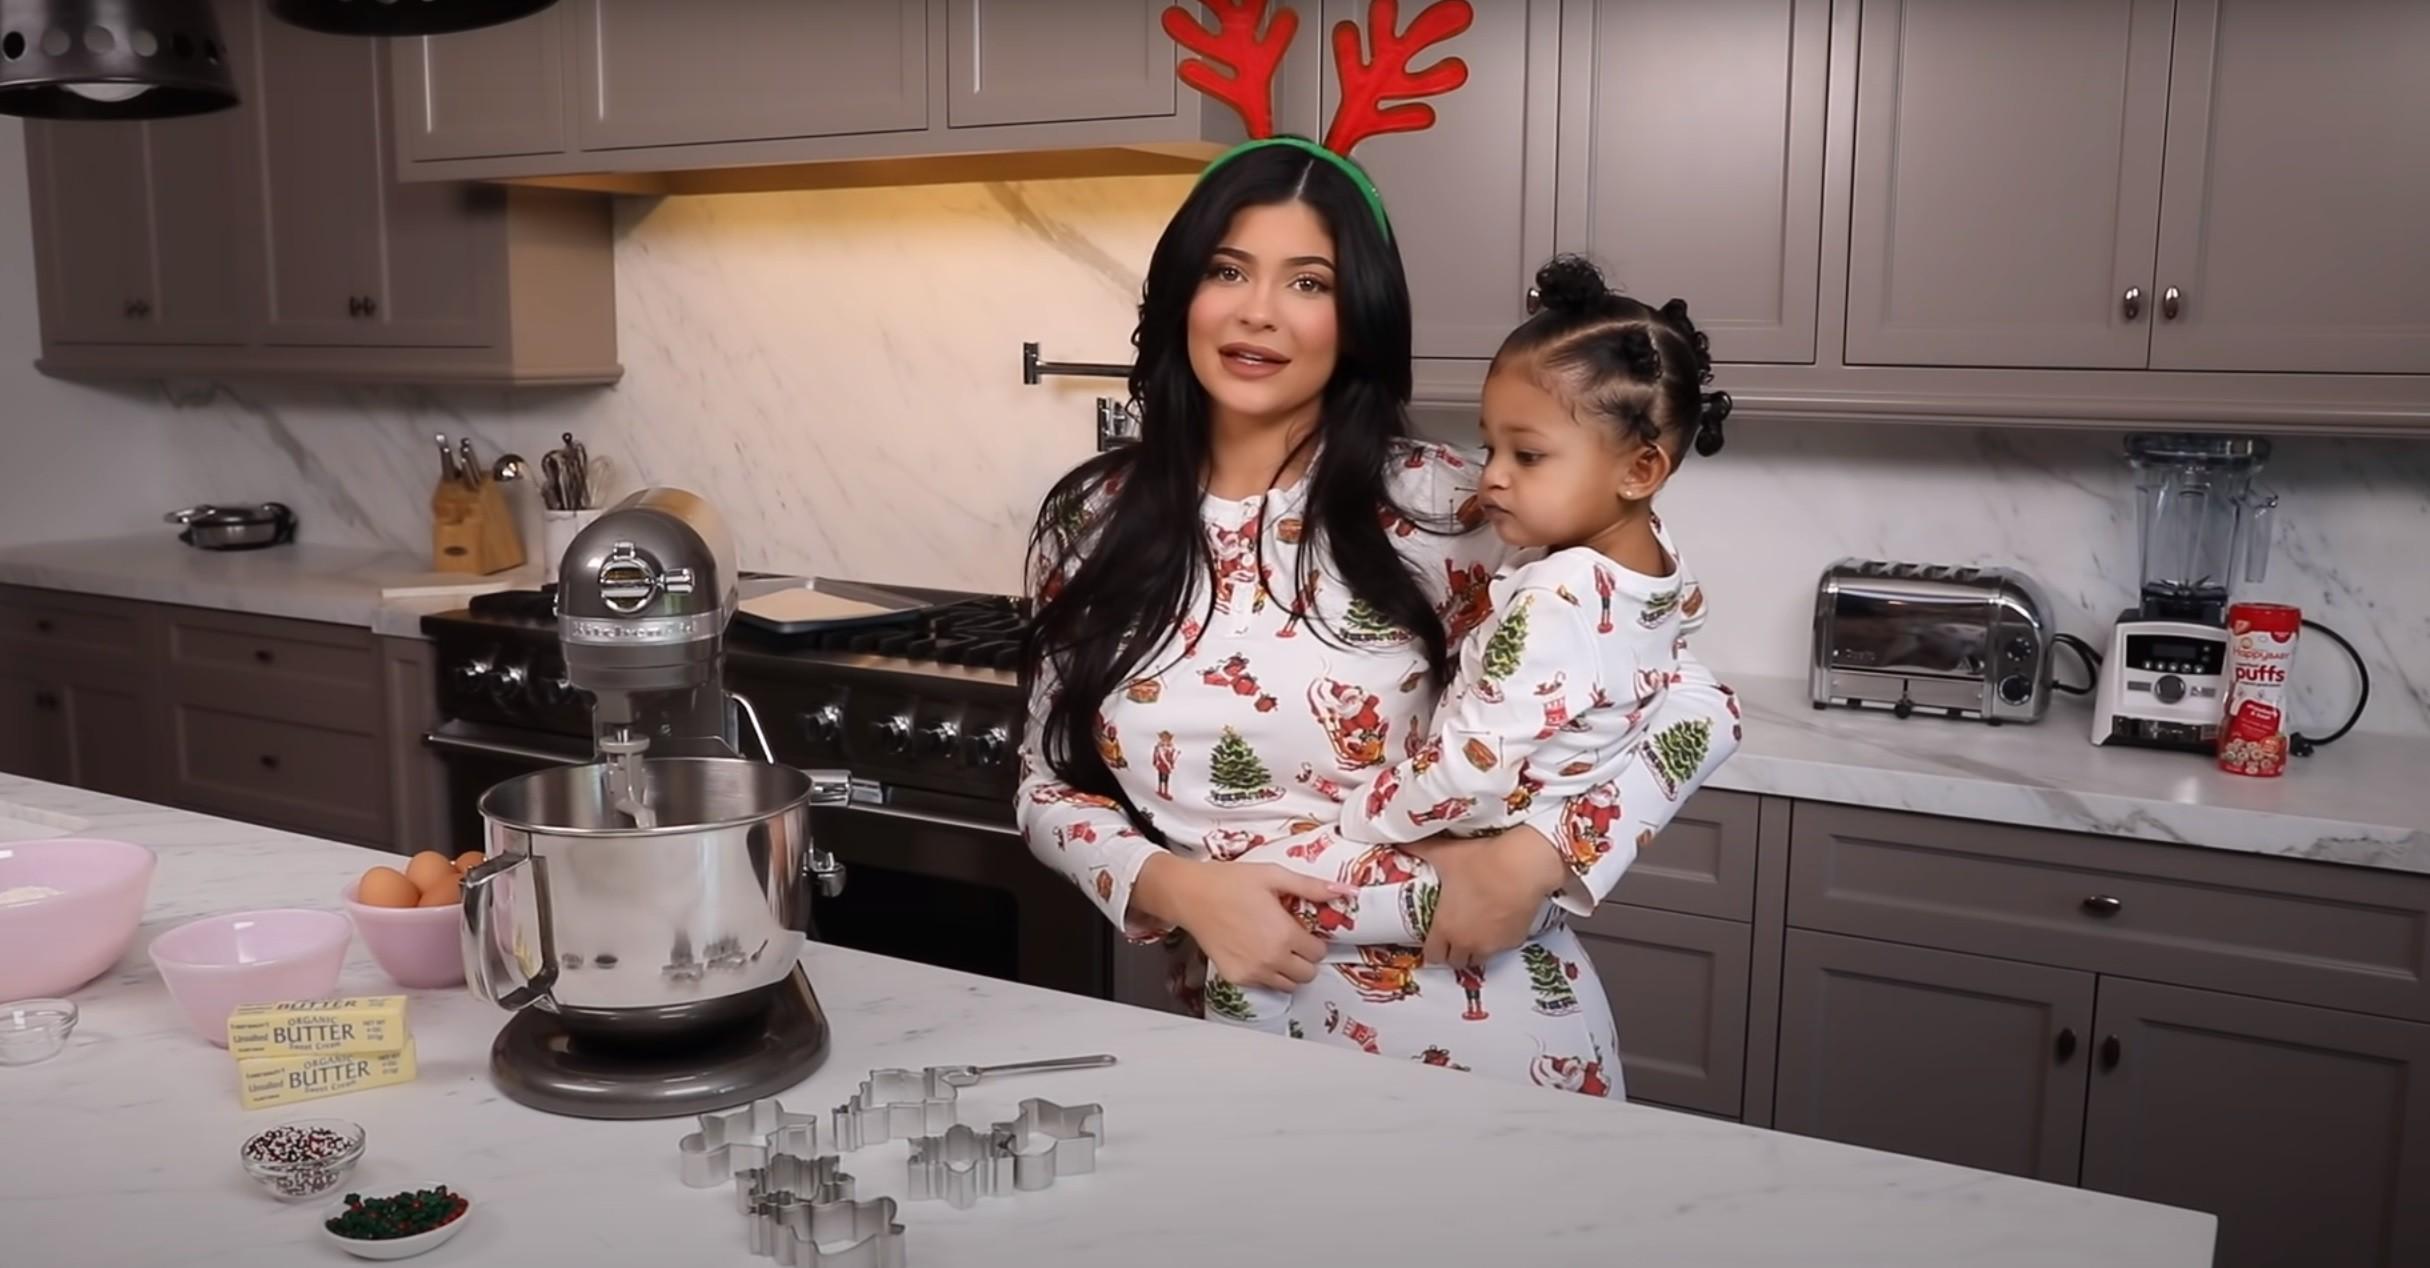 Kylie Jenner kitchen